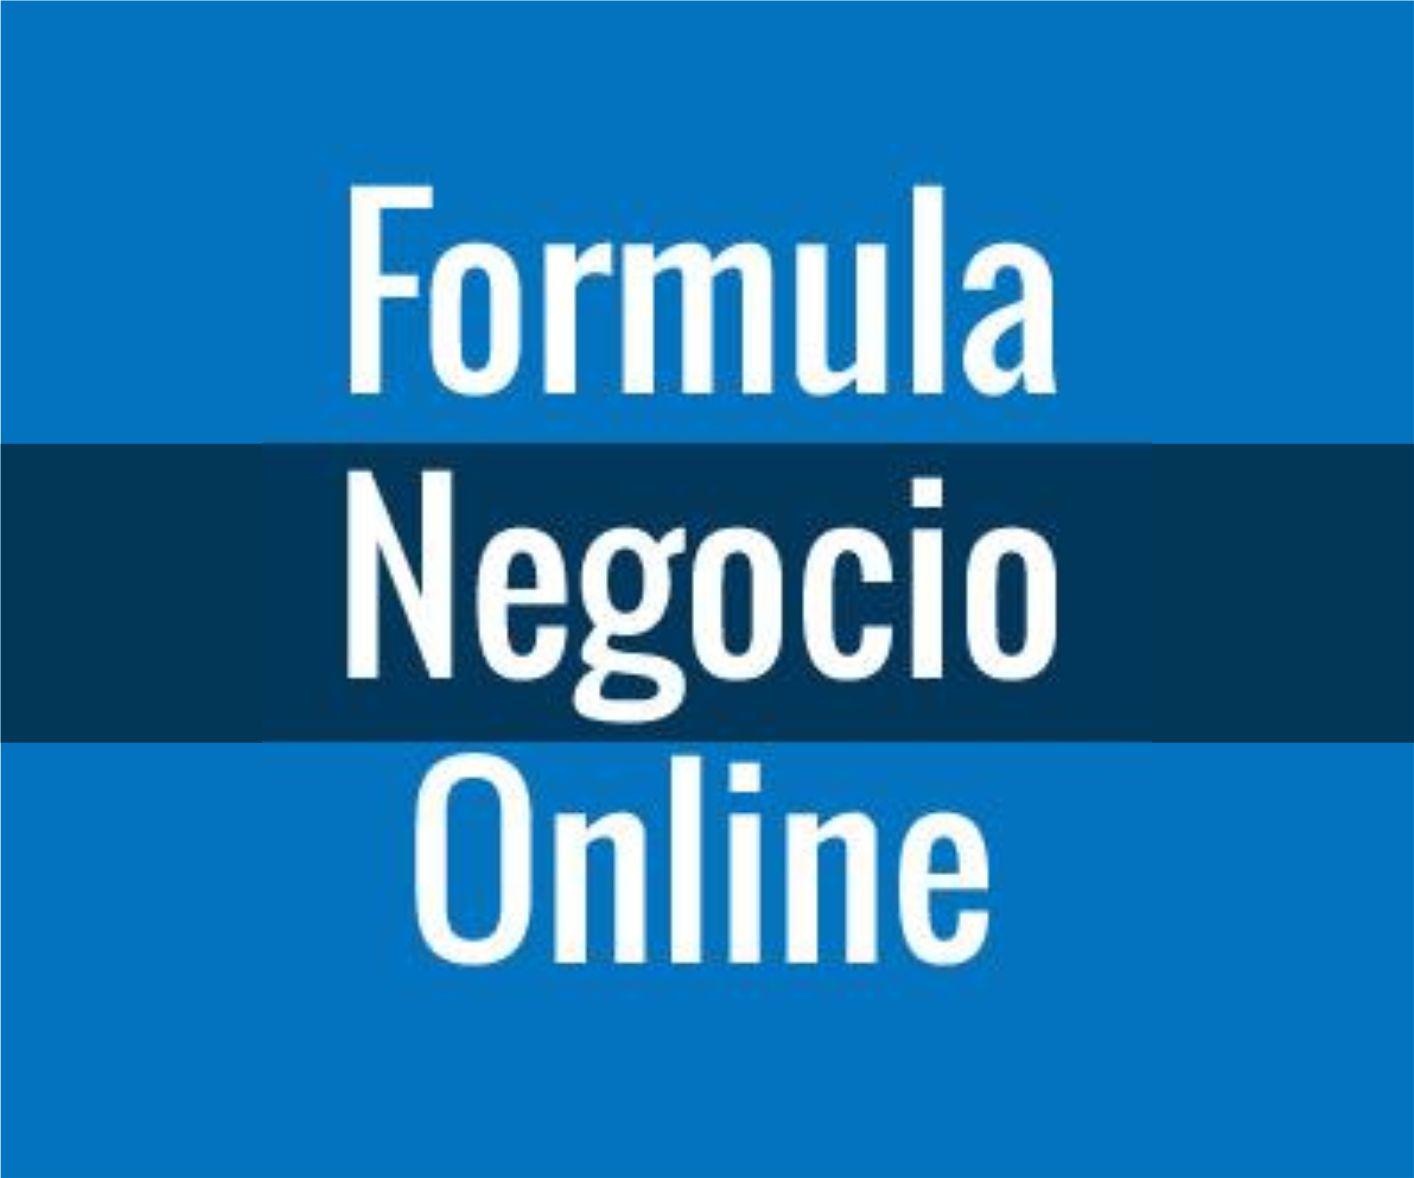 formula-negocio online